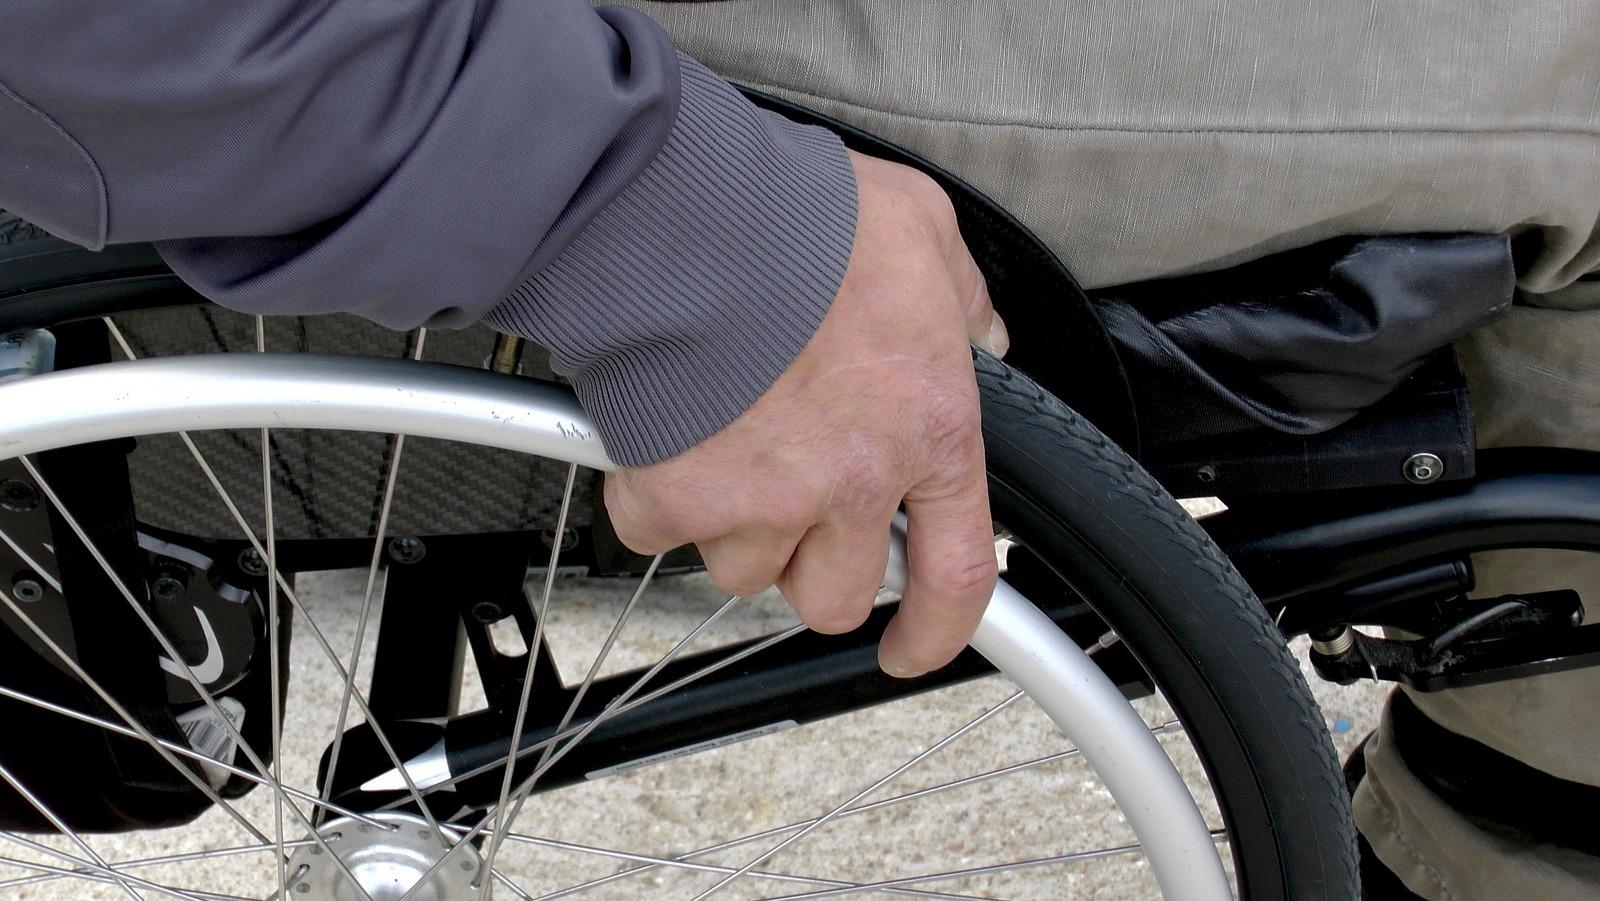 Zawieszone wydawanie opinii dla osób niepełnosprawnych